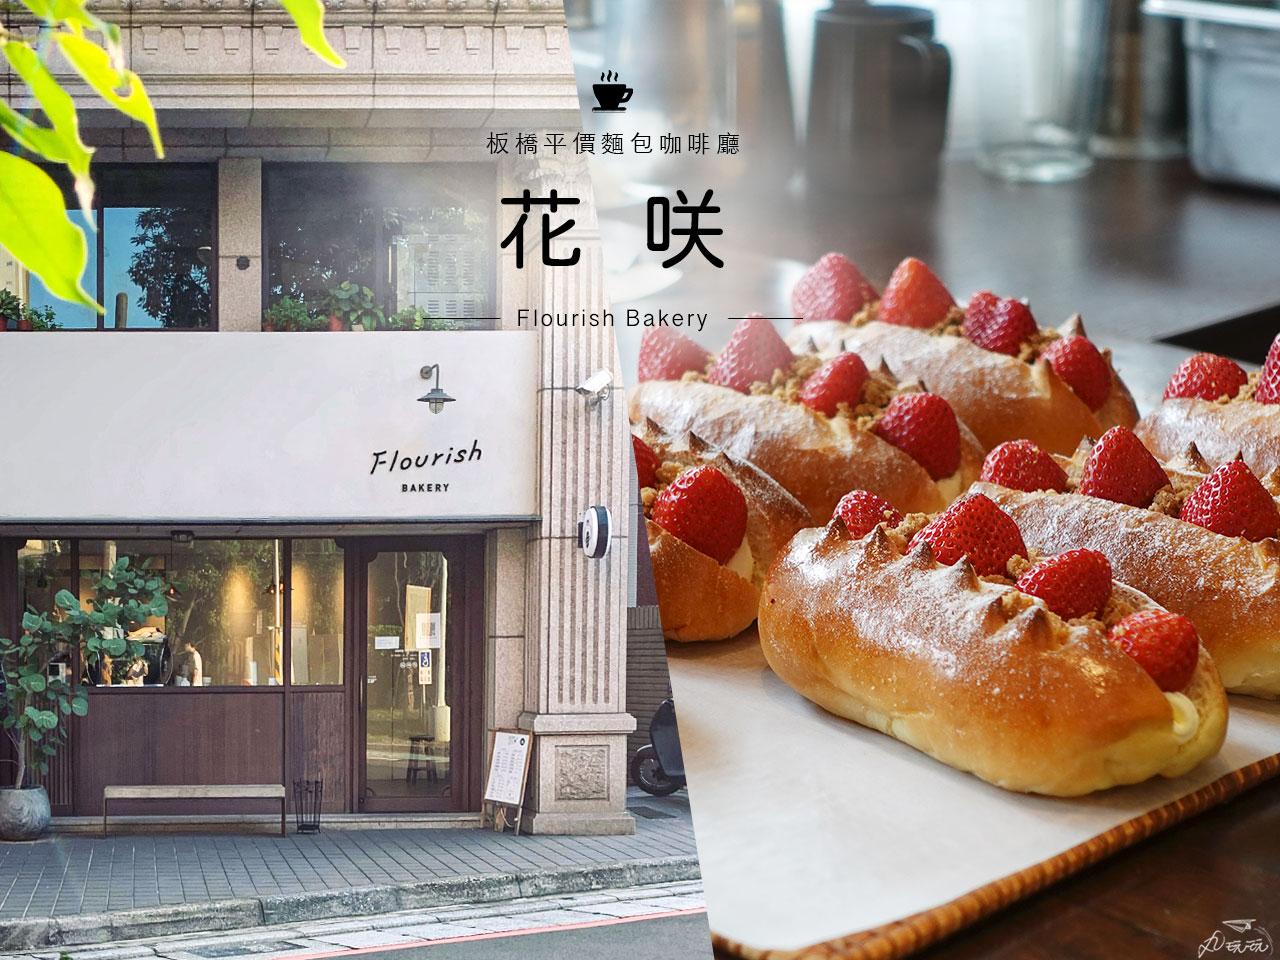 板橋麵包咖啡|花咲Flourish Bakery 質感店舖親民價格,讓我天天想報到